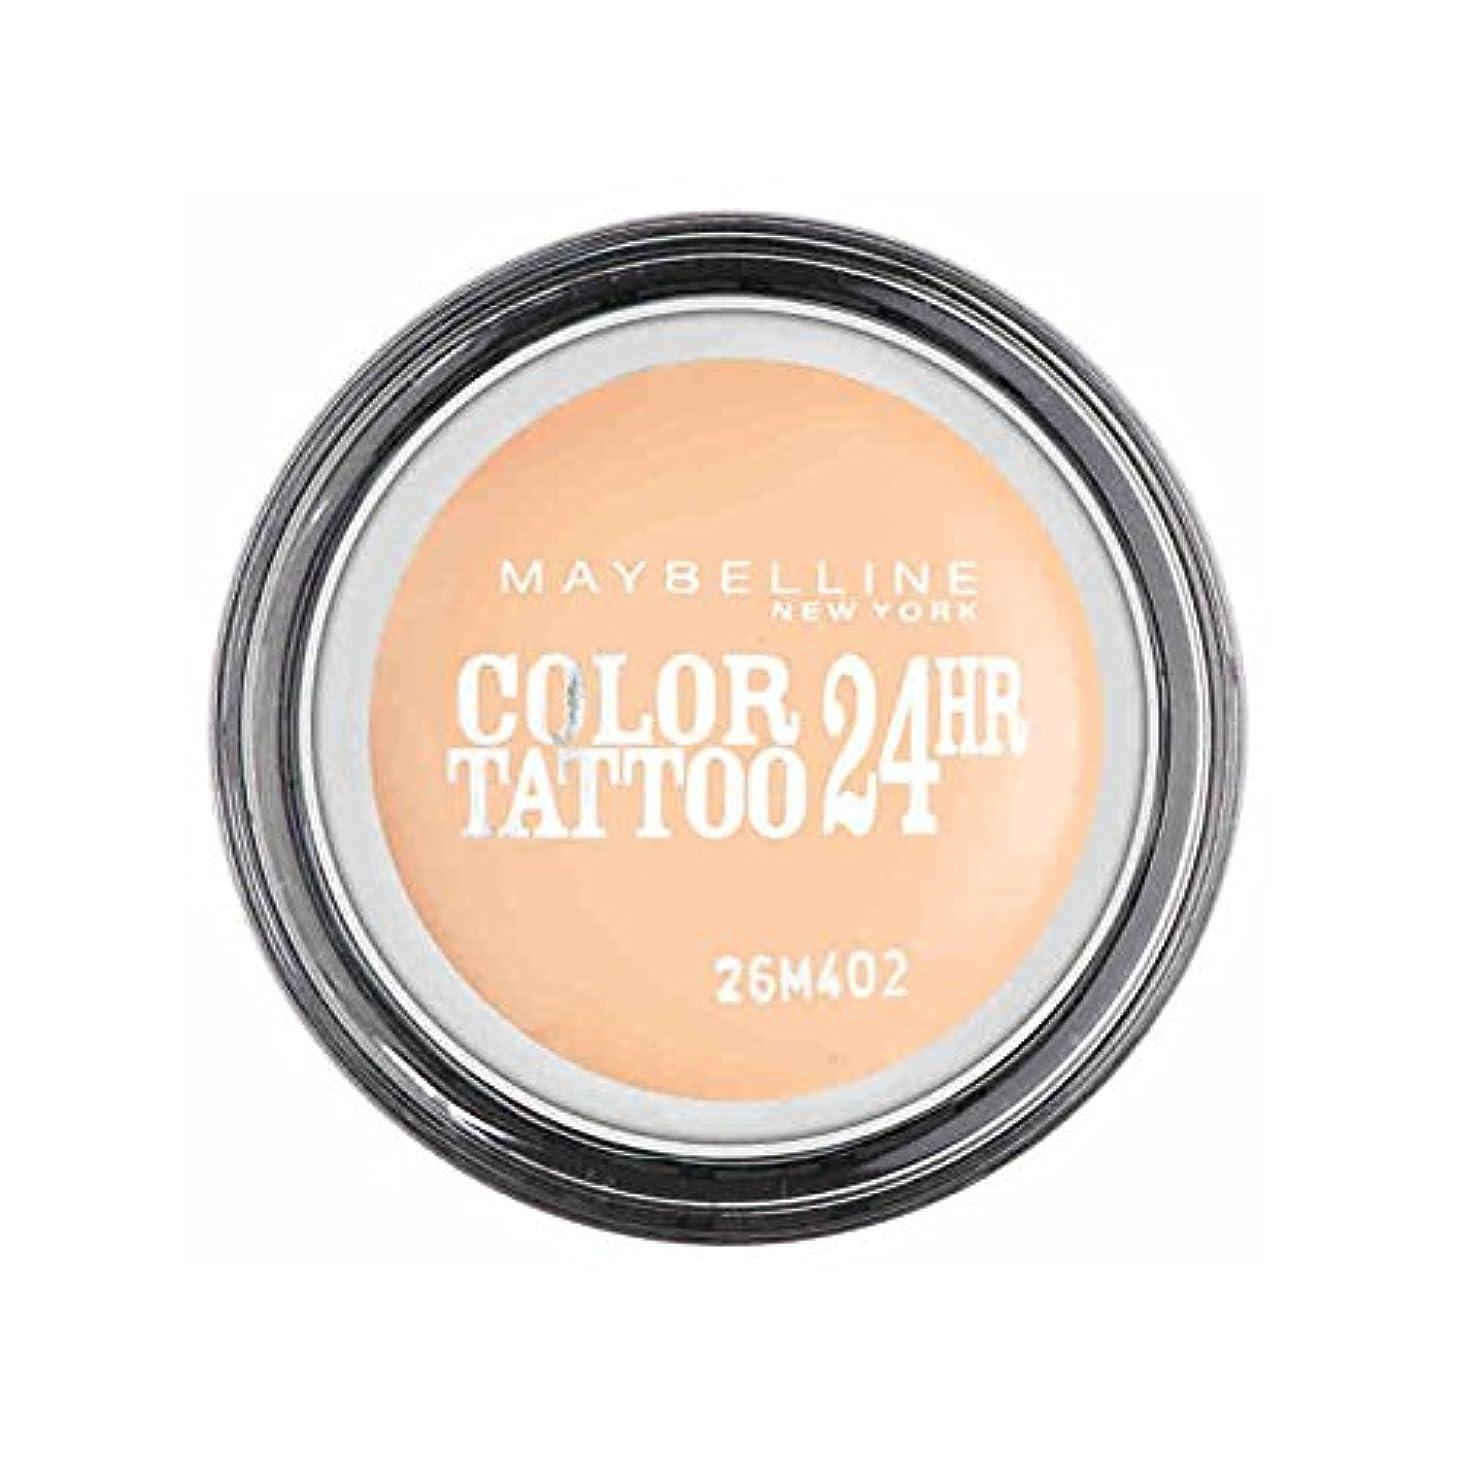 ラップ貧困意見Maybelline Color Tattoo 24Hr Eyeshadow Creamy Matte 93 (Pack of 6) - メイベリンカラータトゥー24時間アイシャドウクリーミーマット93 x6 [並行輸入品]